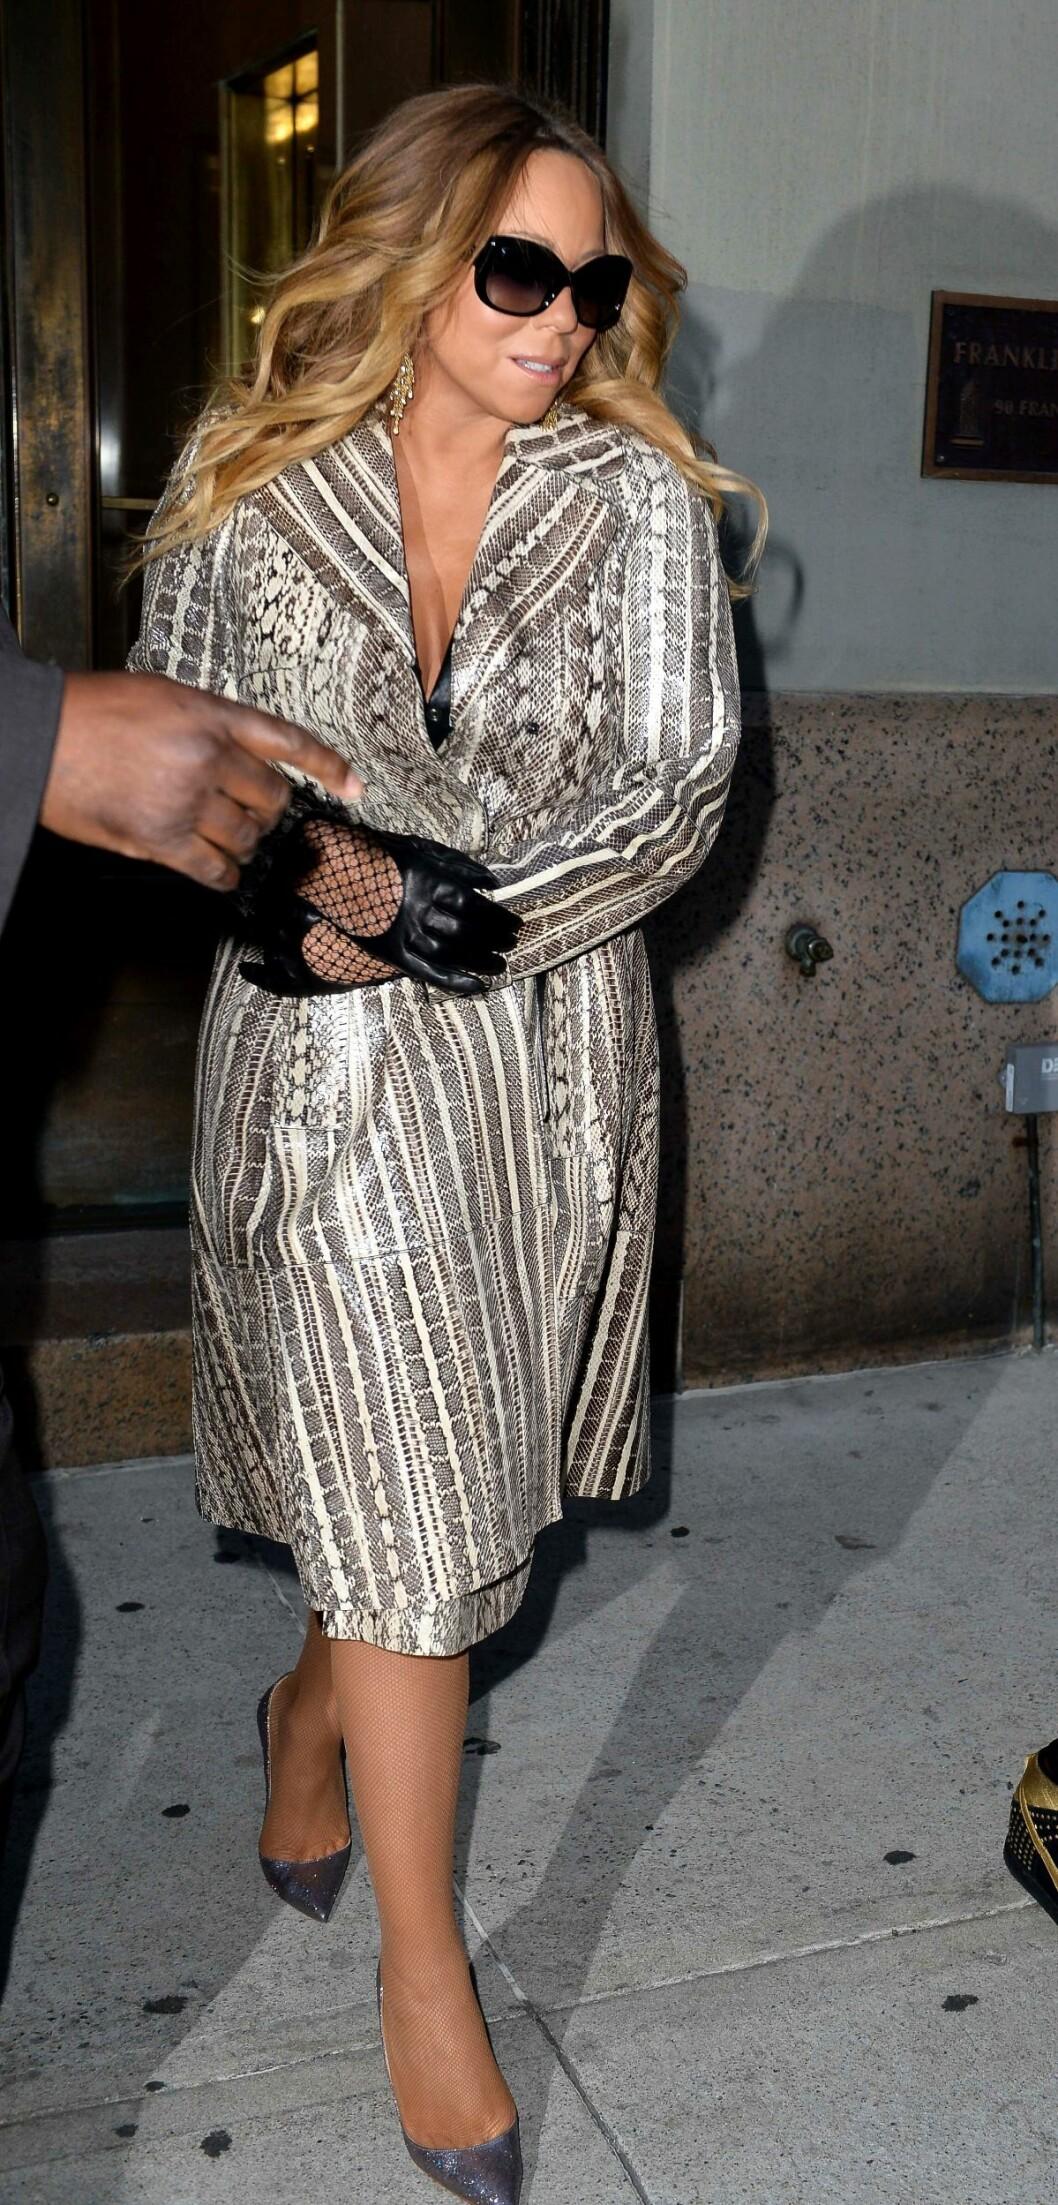 TRØBBEL: Mariah Careys ekteskap skal gå mot slutten, skal man tro ryktene.  Foto: REX/D. DaSilva/All Over Press